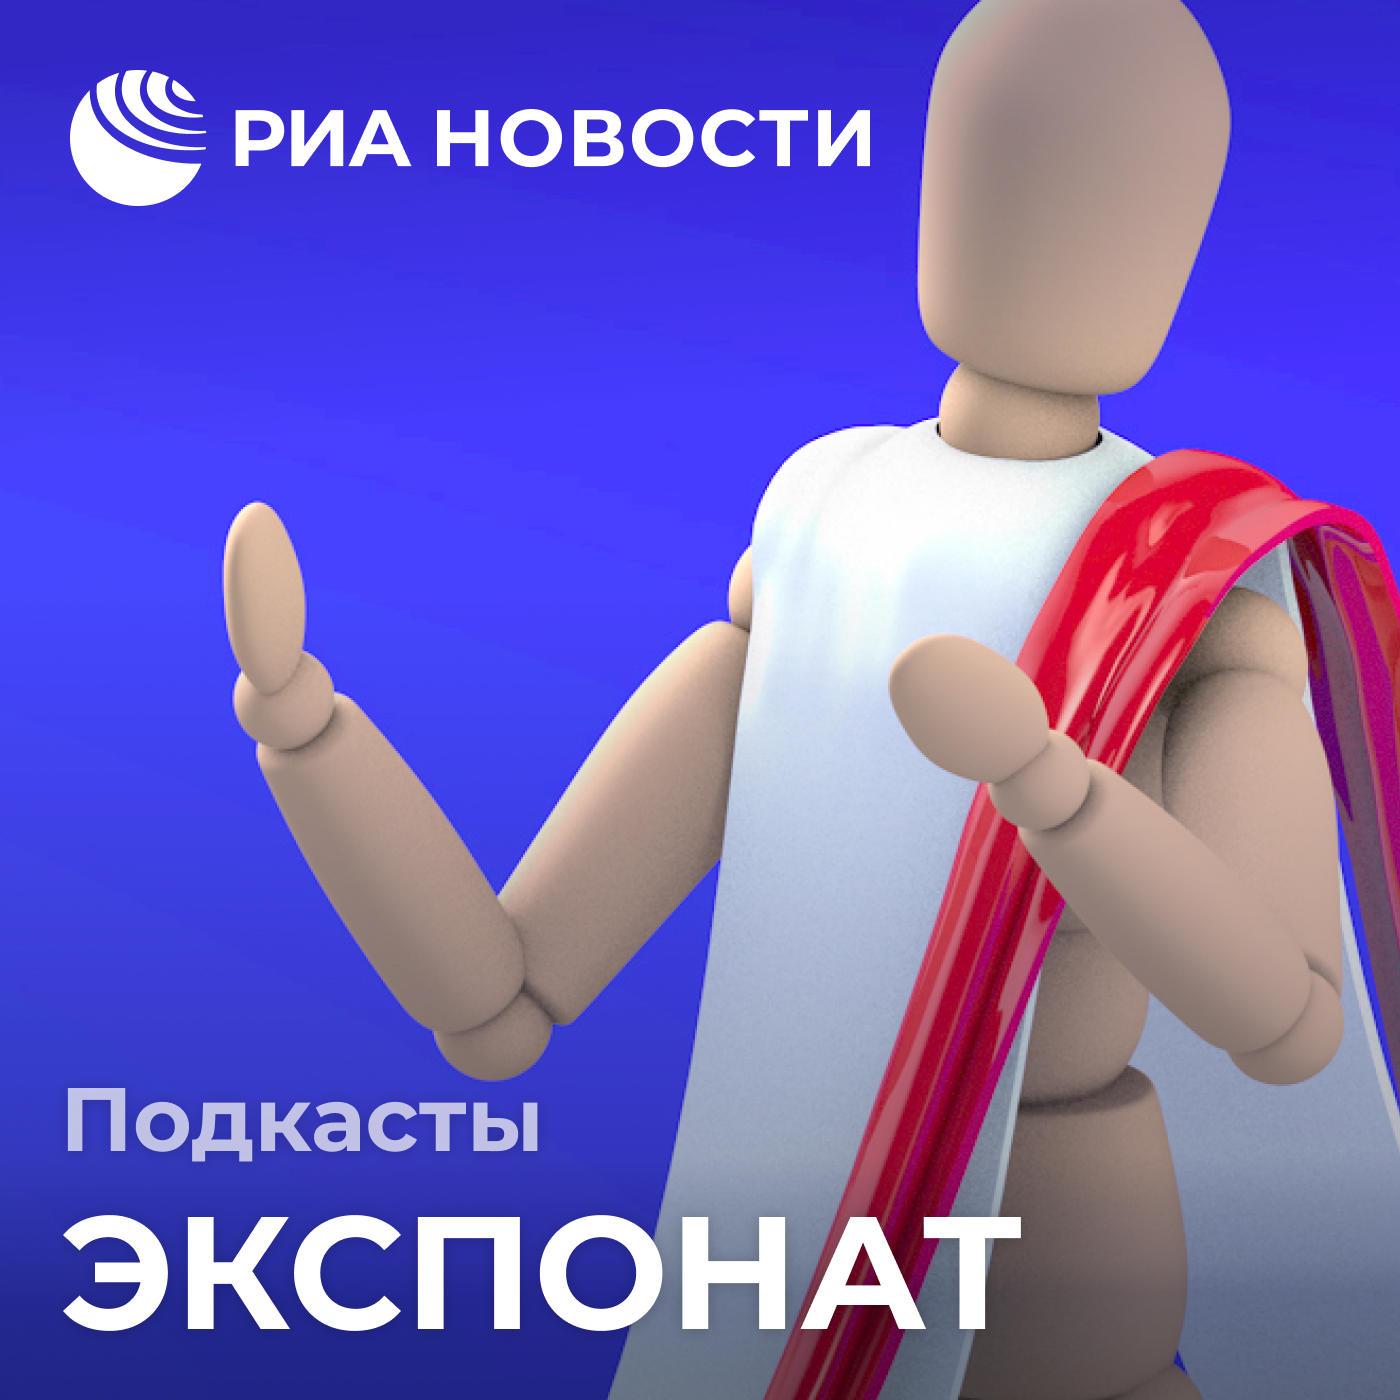 Без боя. Смерть и возрождение кремлевских курантов